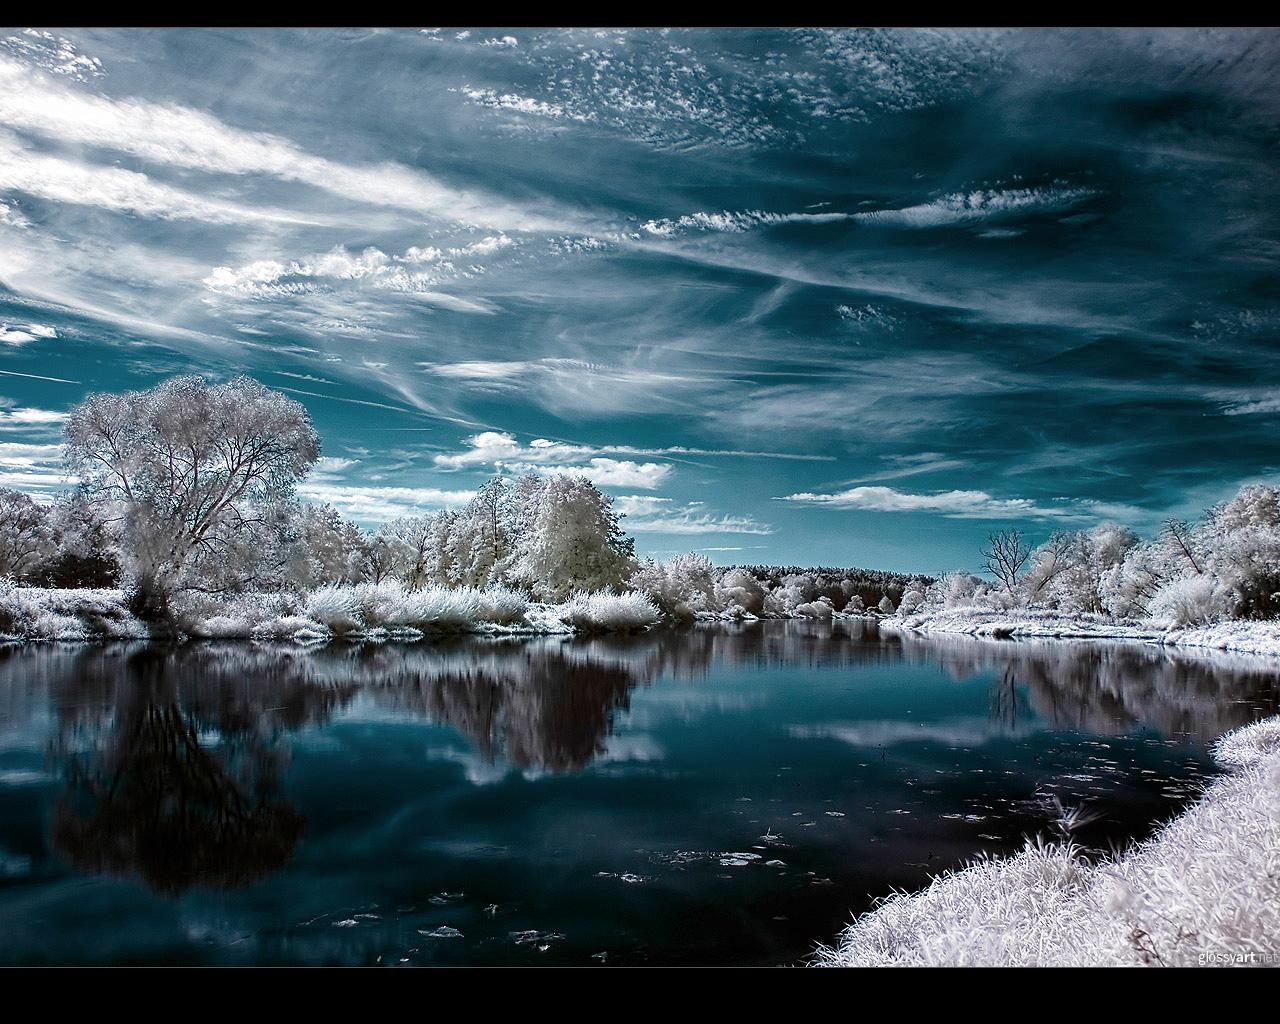 Зима, озеро, снег, мороз, обои для рабочего стола